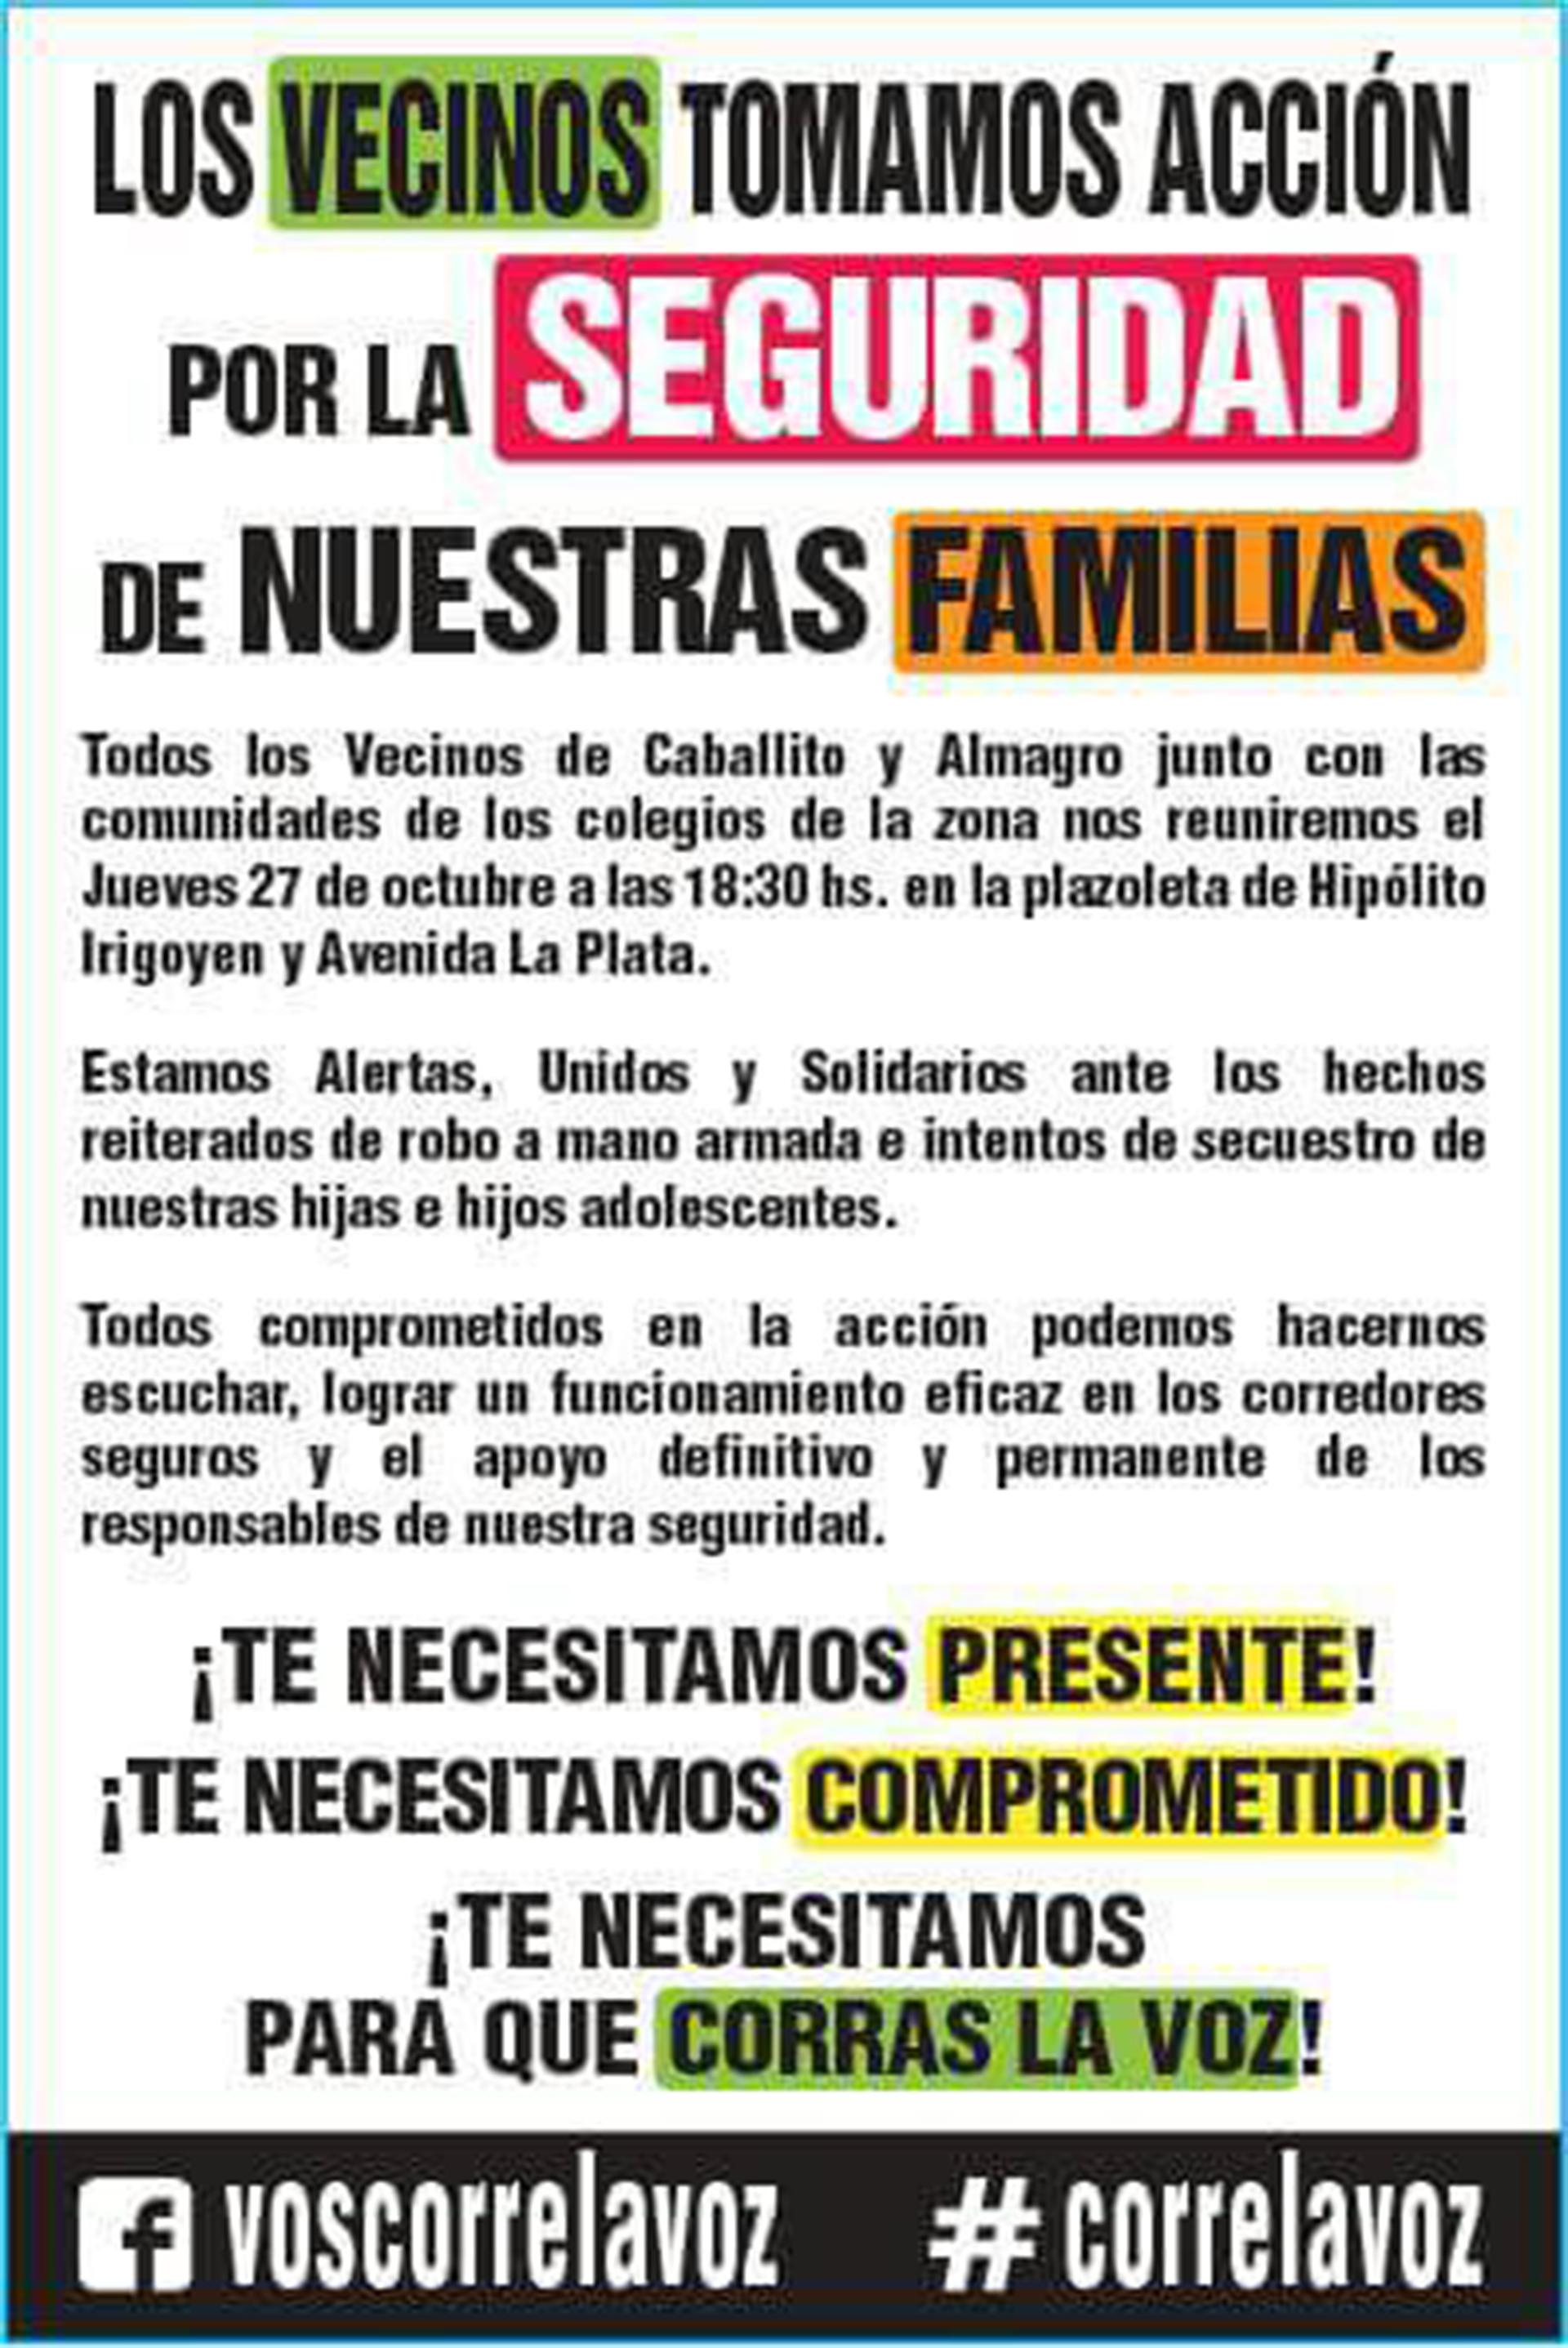 El folleto que repartieron los padres y vecinos de Caballito y Almagro